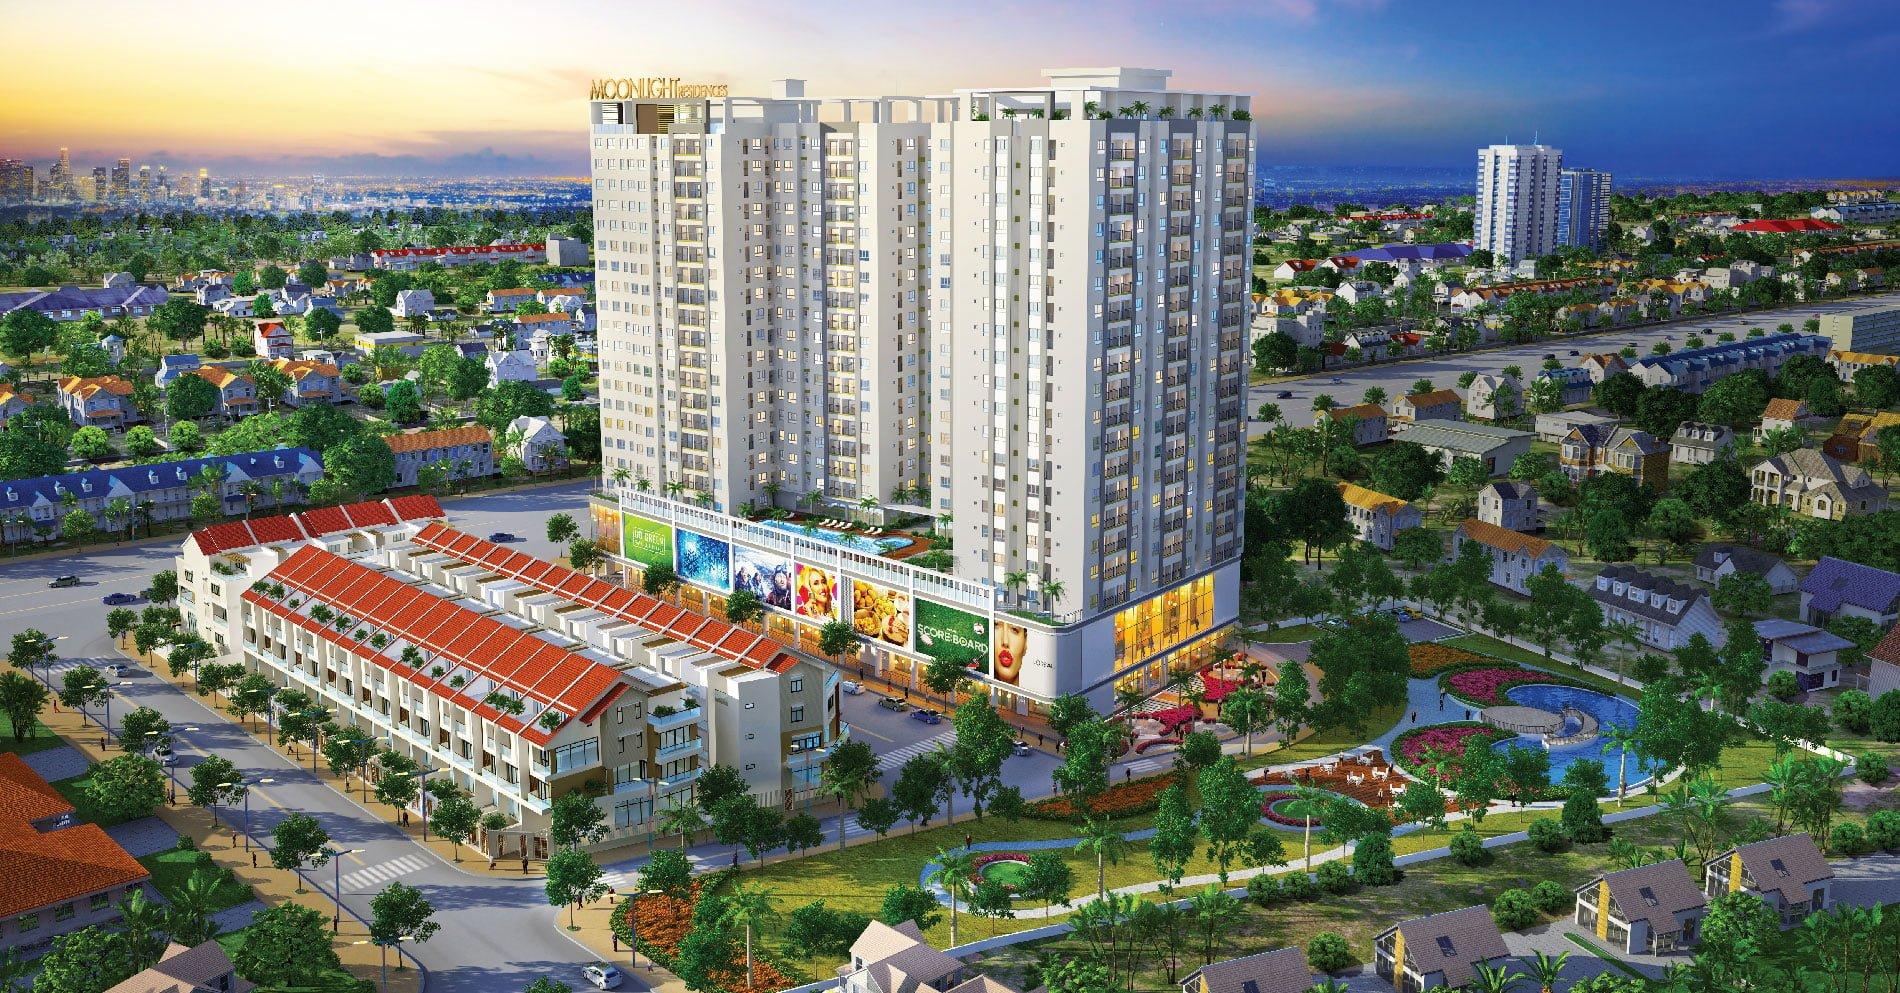 q7 boulevard - DỰ ÁN CĂN HỘ Q7 BOULEVARD HƯNG THỊNH